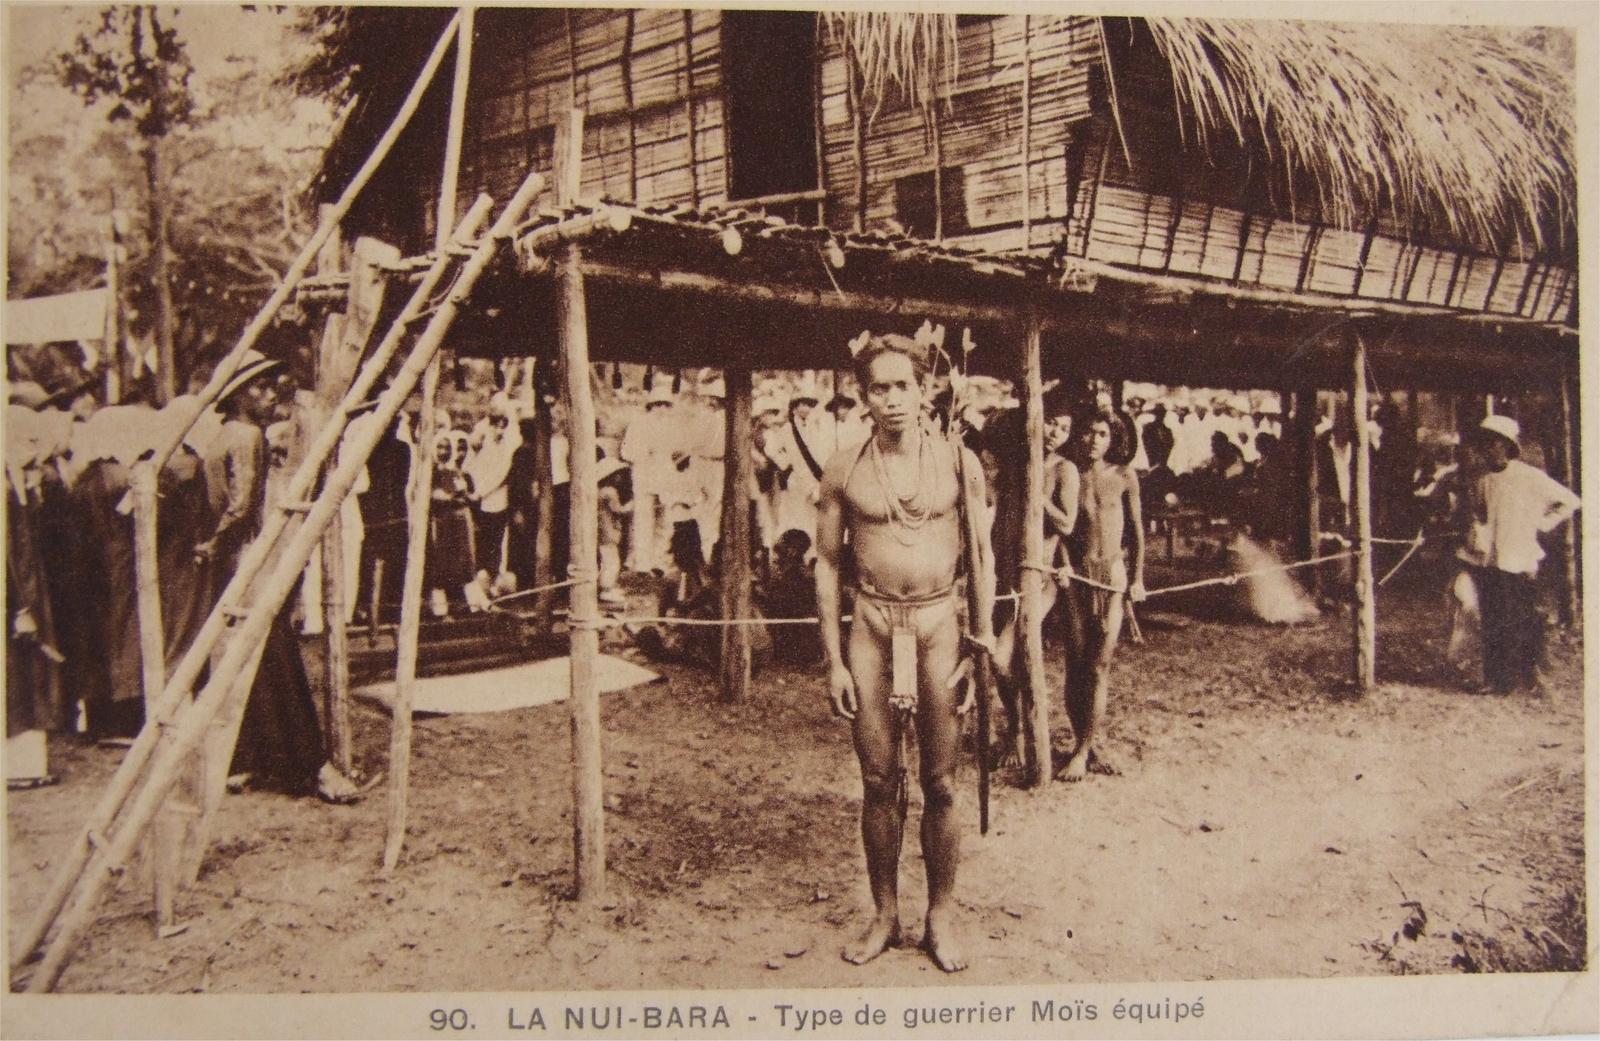 -  Indochine - La Nui-bara - Type de guerrier Moïs équipé (1936)